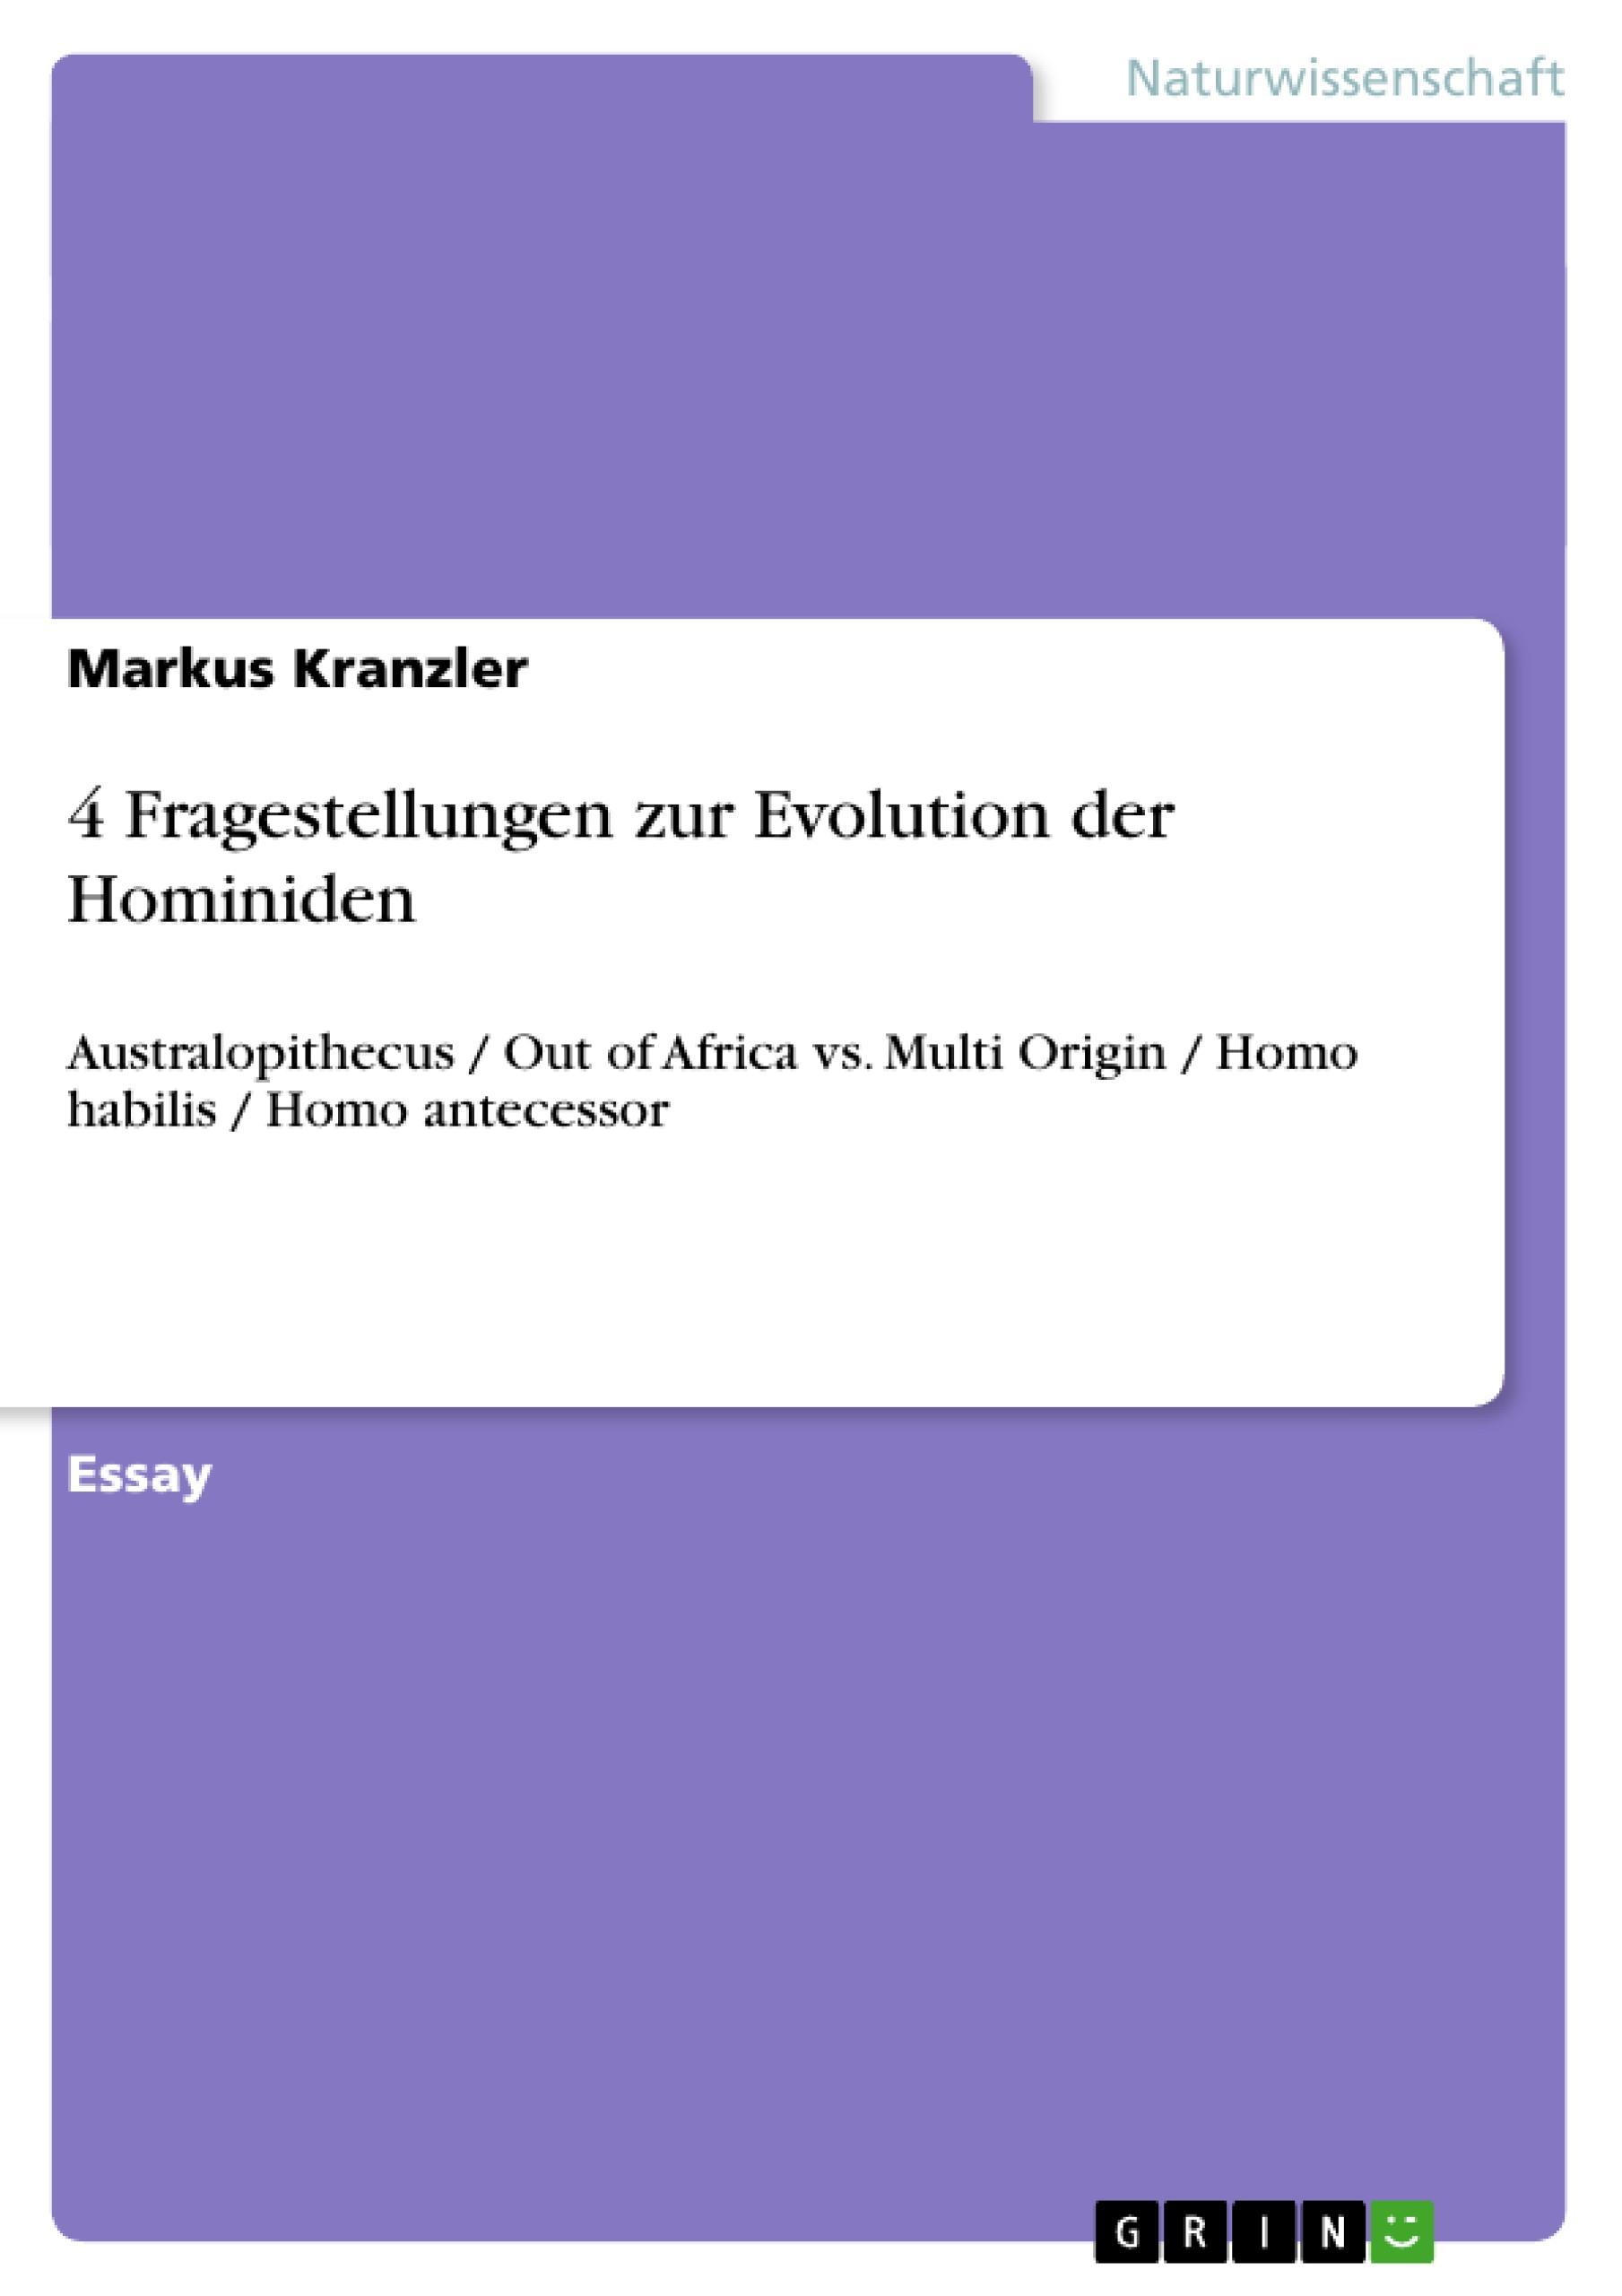 4 Fragestellungen zur Evolution der Hominiden  Australopithecus / Out of Africa vs. Multi Origin / Homo habilis / Homo antecessor  Markus Kranzler  Taschenbuch  Deutsch  2010 - Kranzler, Markus